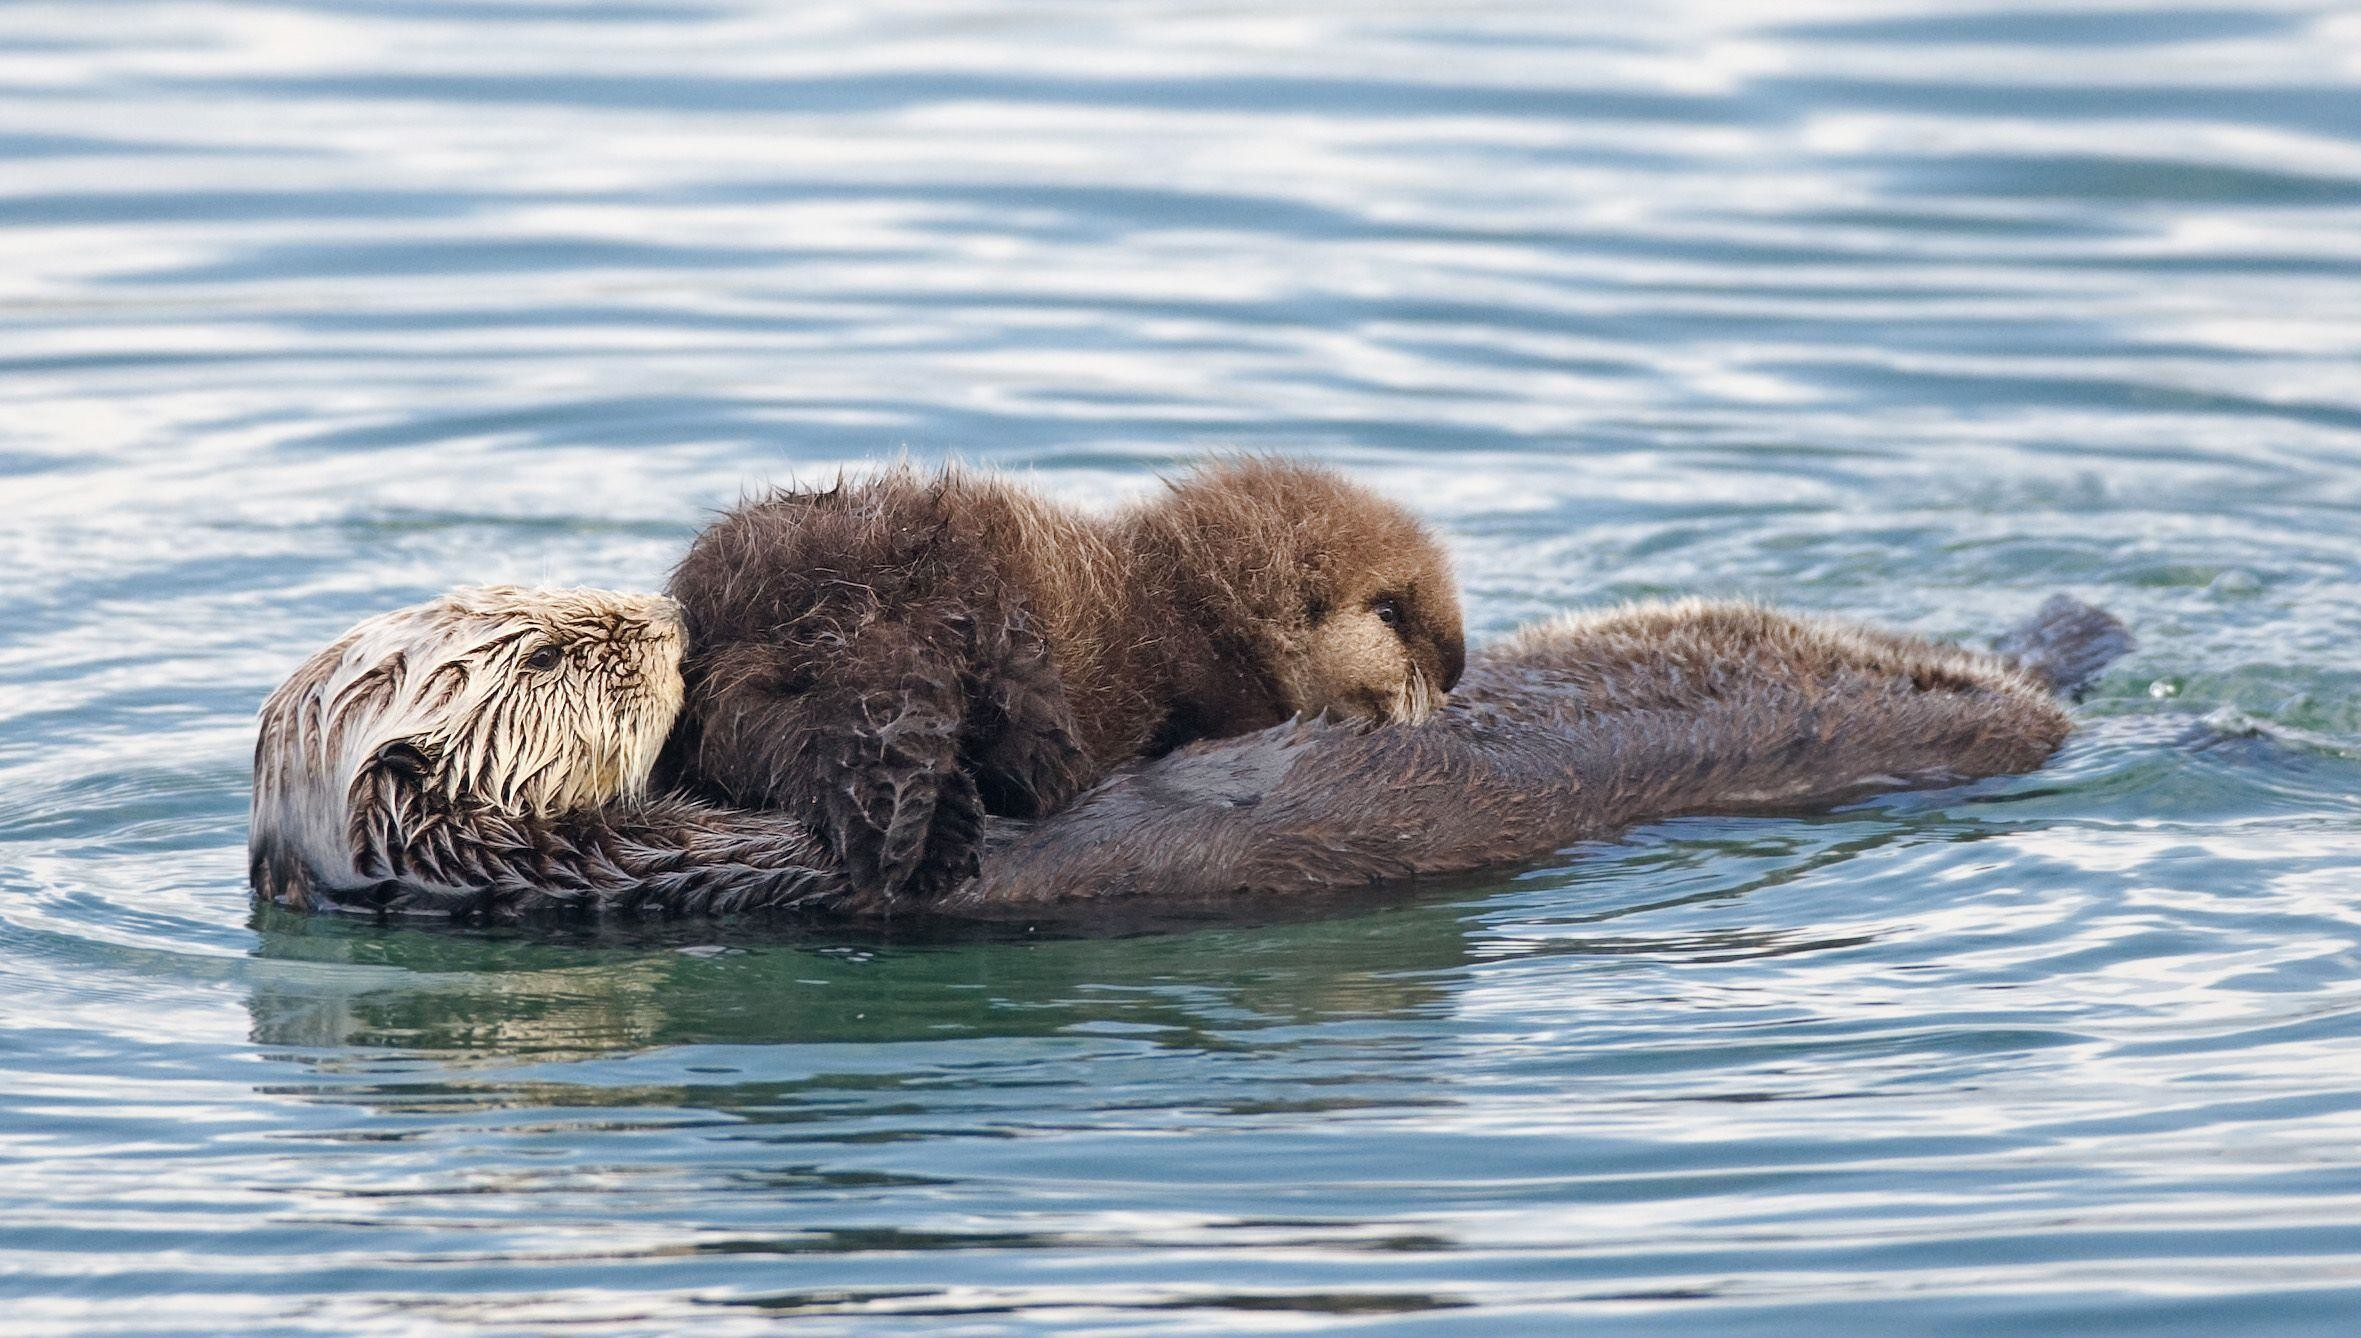 Res: 2361x1338, Sea Otter Wallpaper - Boncia | Boncia